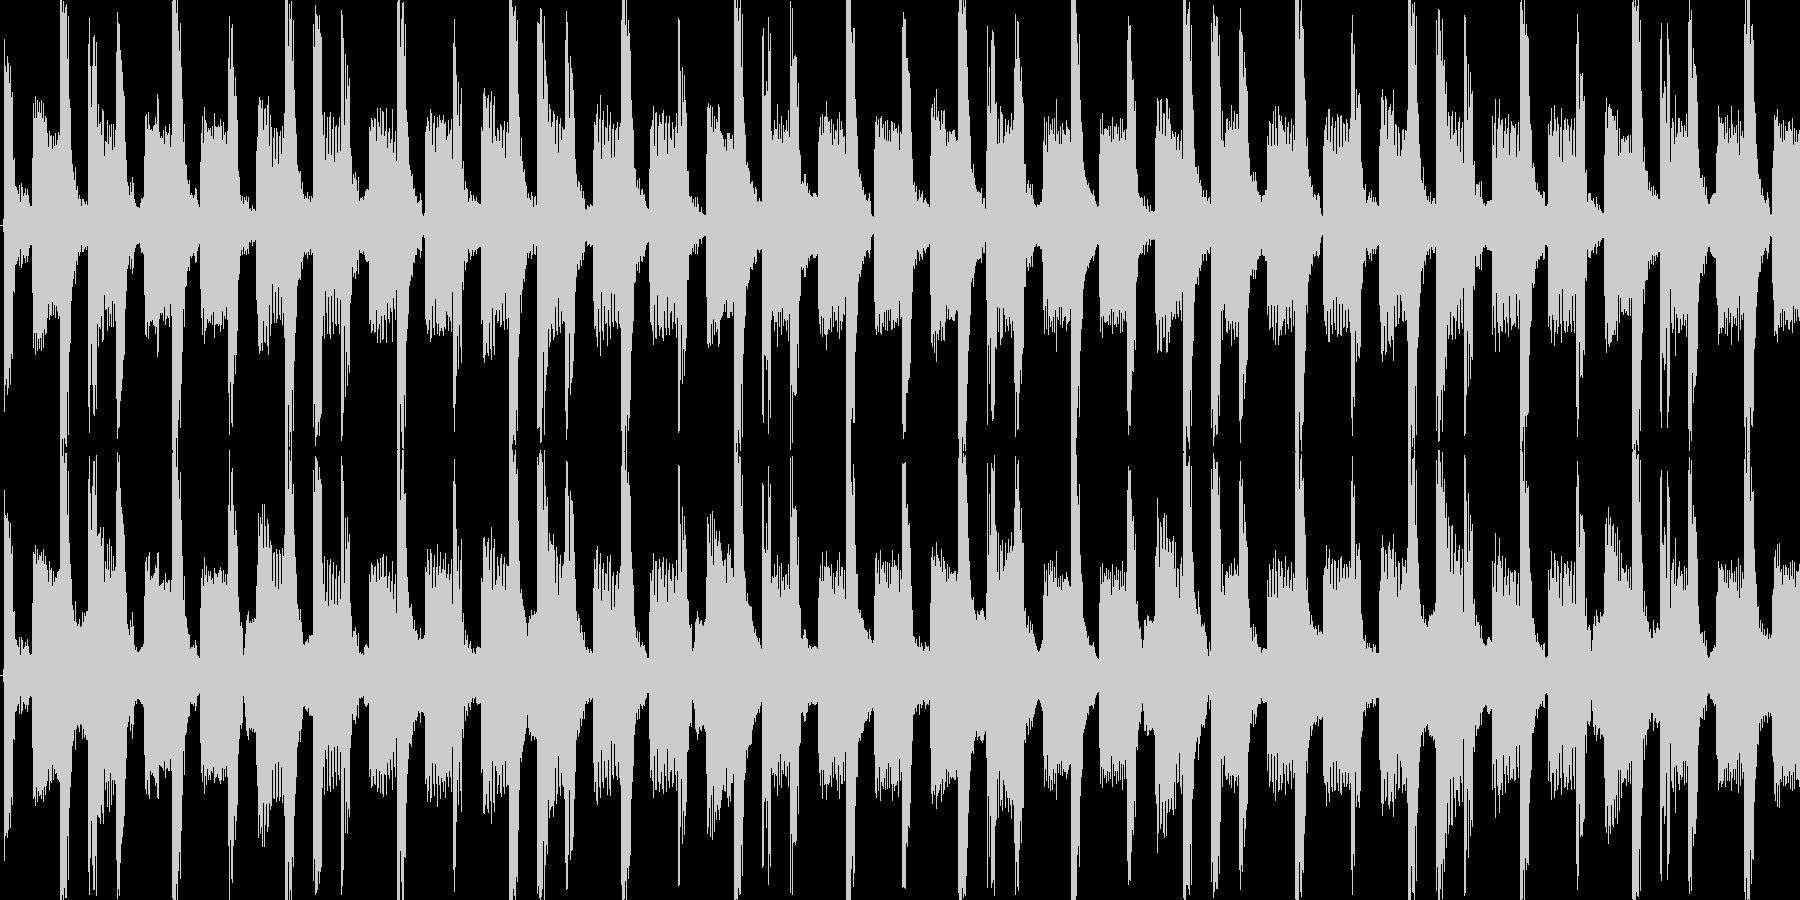 民族楽器のアップテンポディスコループの未再生の波形